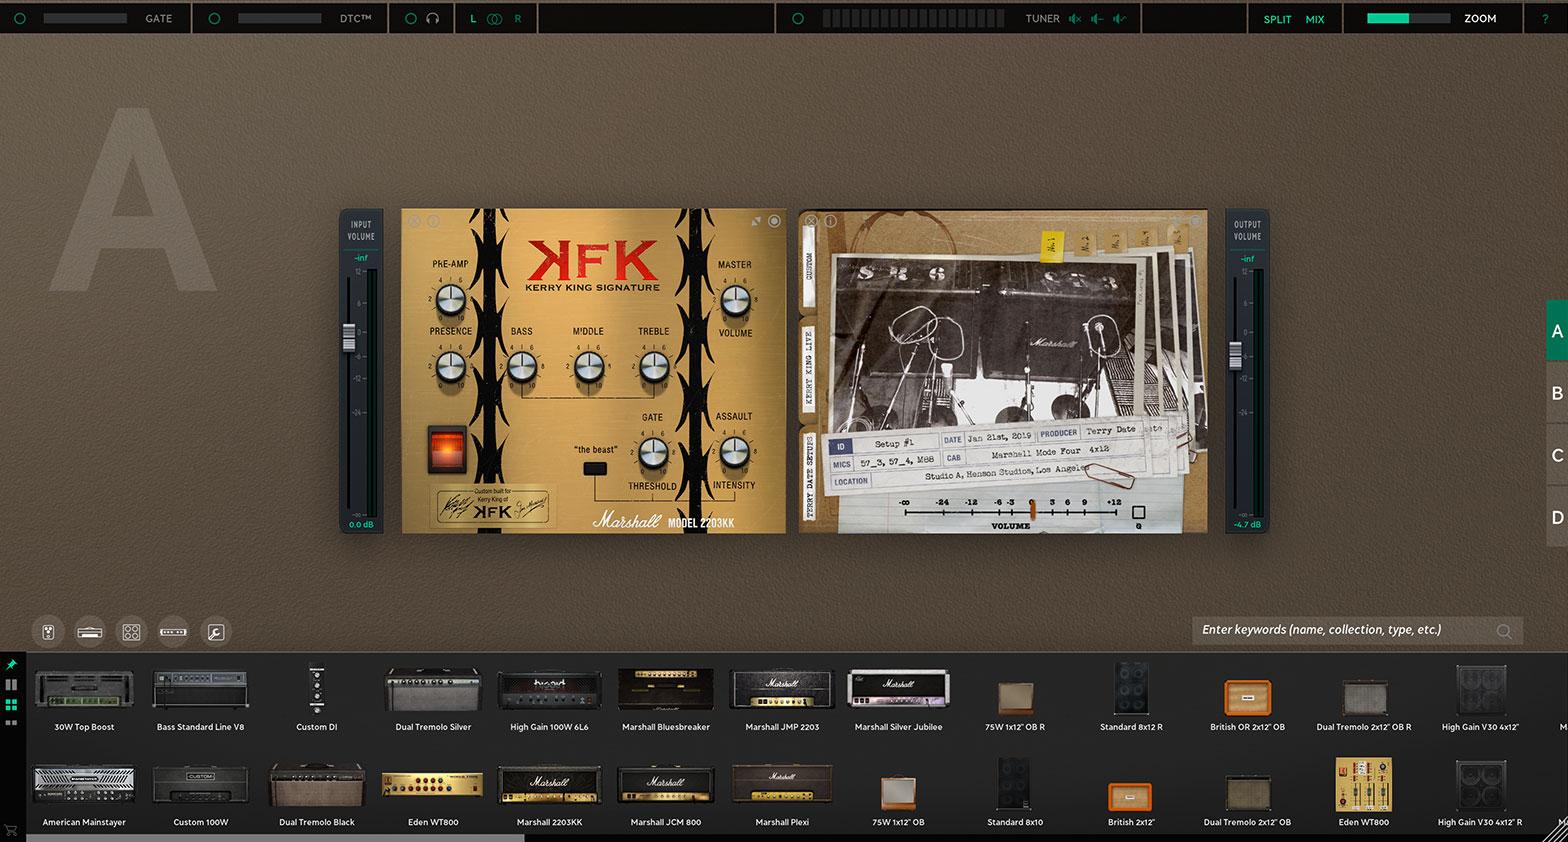 kerry-king-amp-room-module.jpg